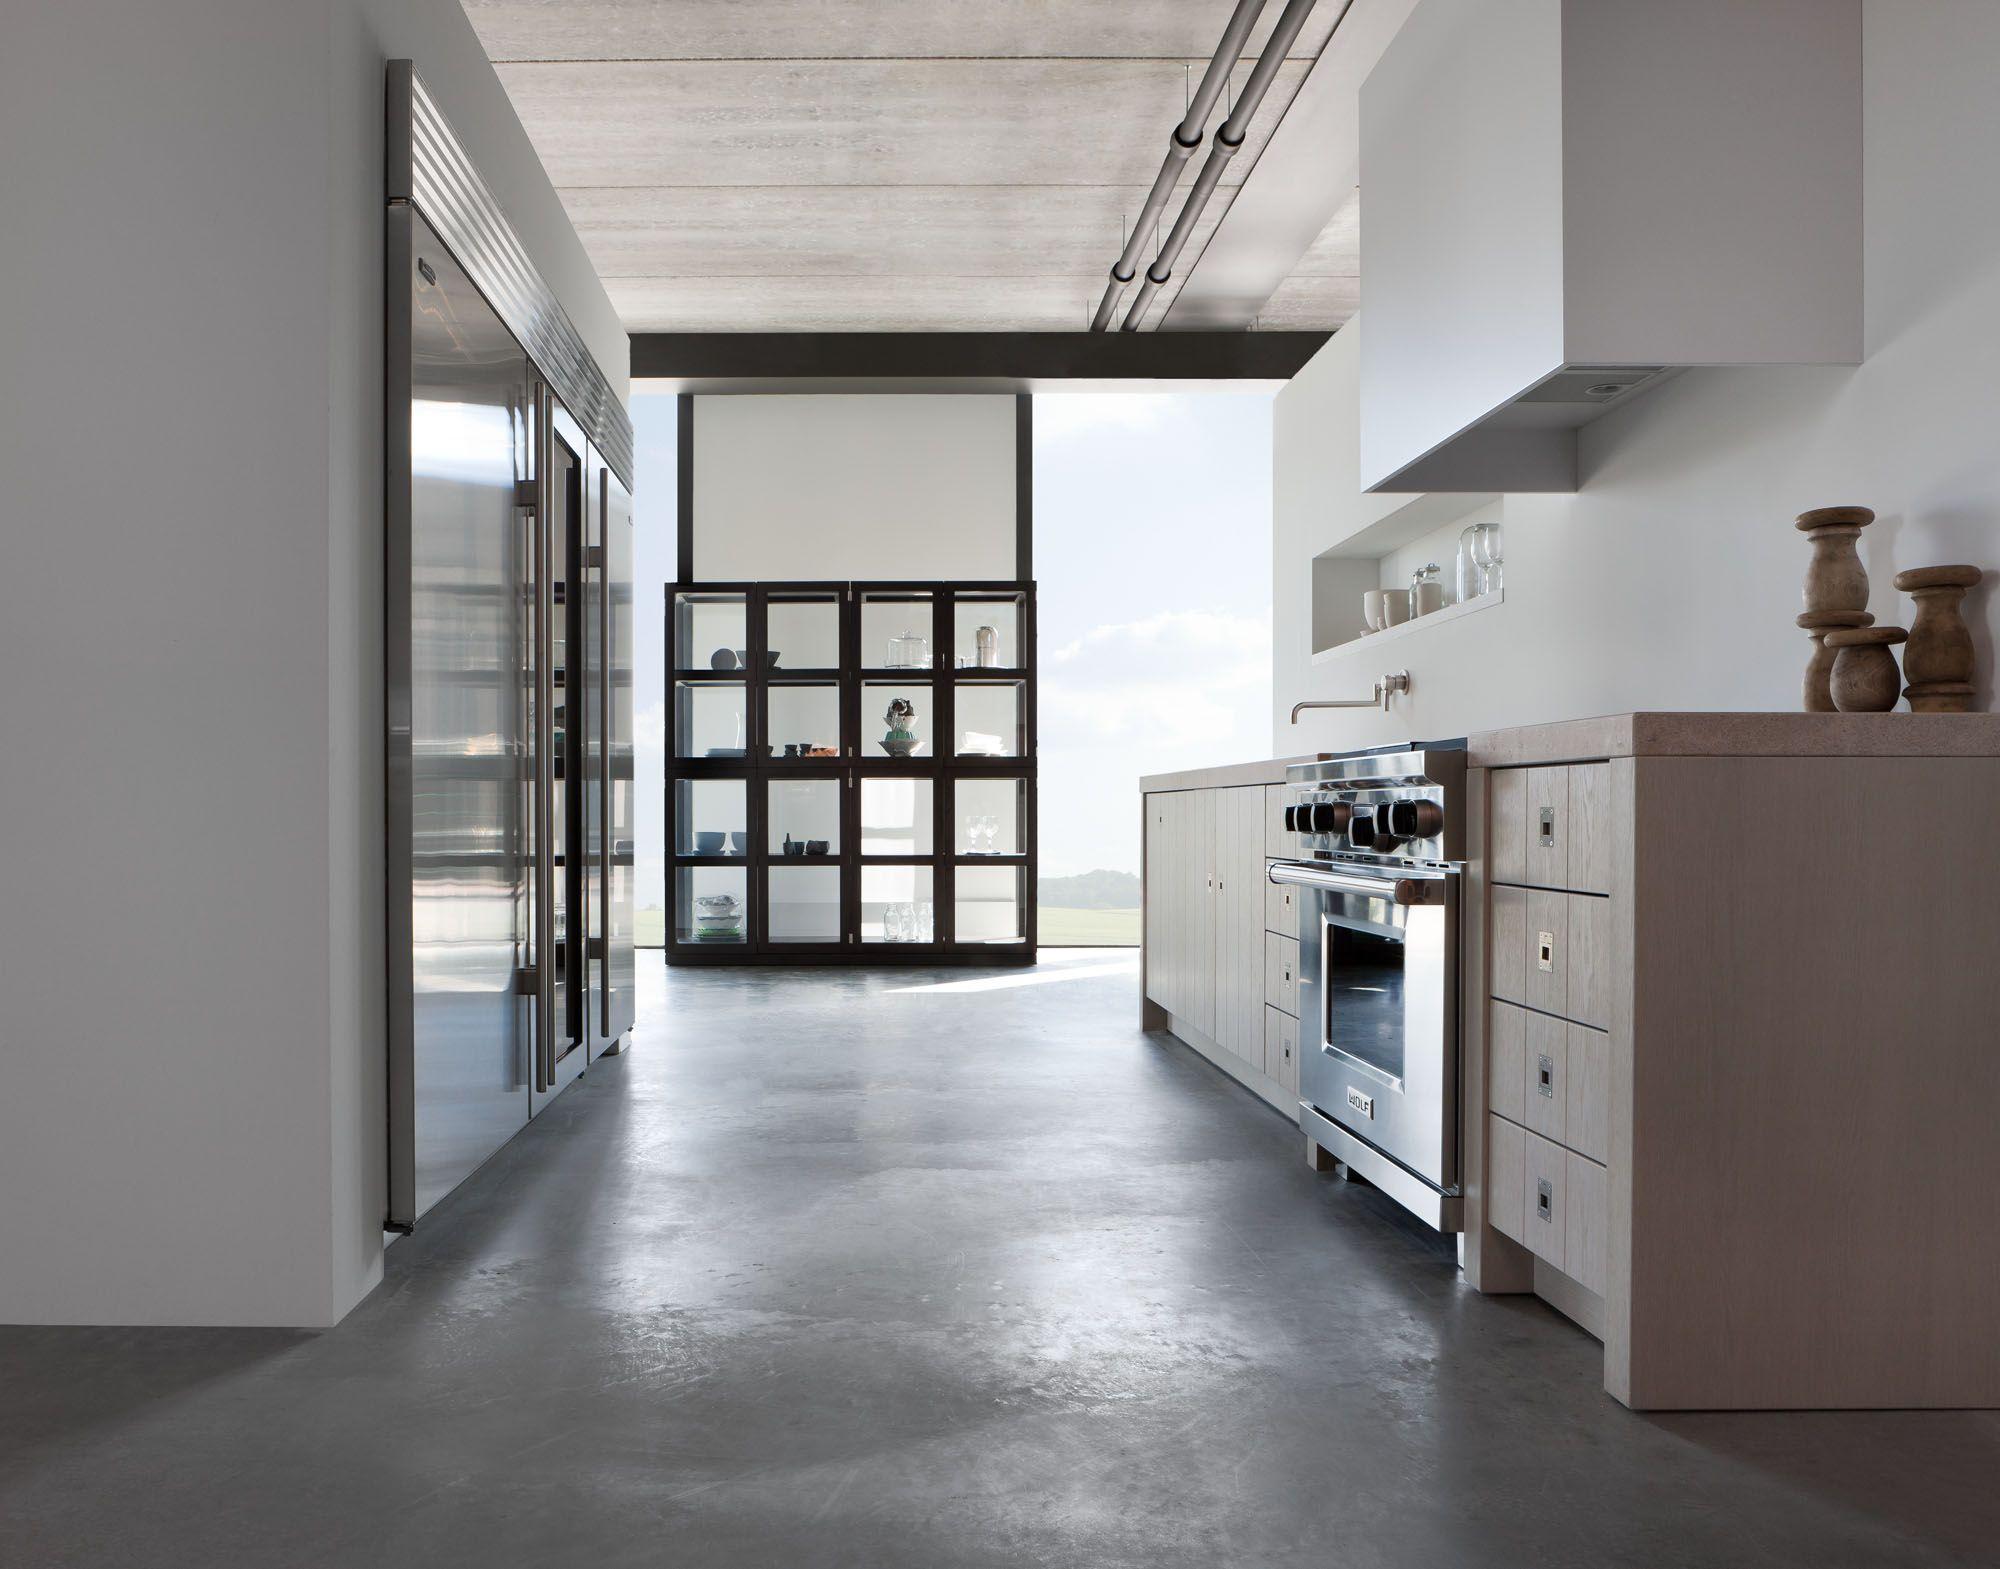 Piet Boon Keuken : Studio piet boon lanceert keukenlijn piet boon kitchen